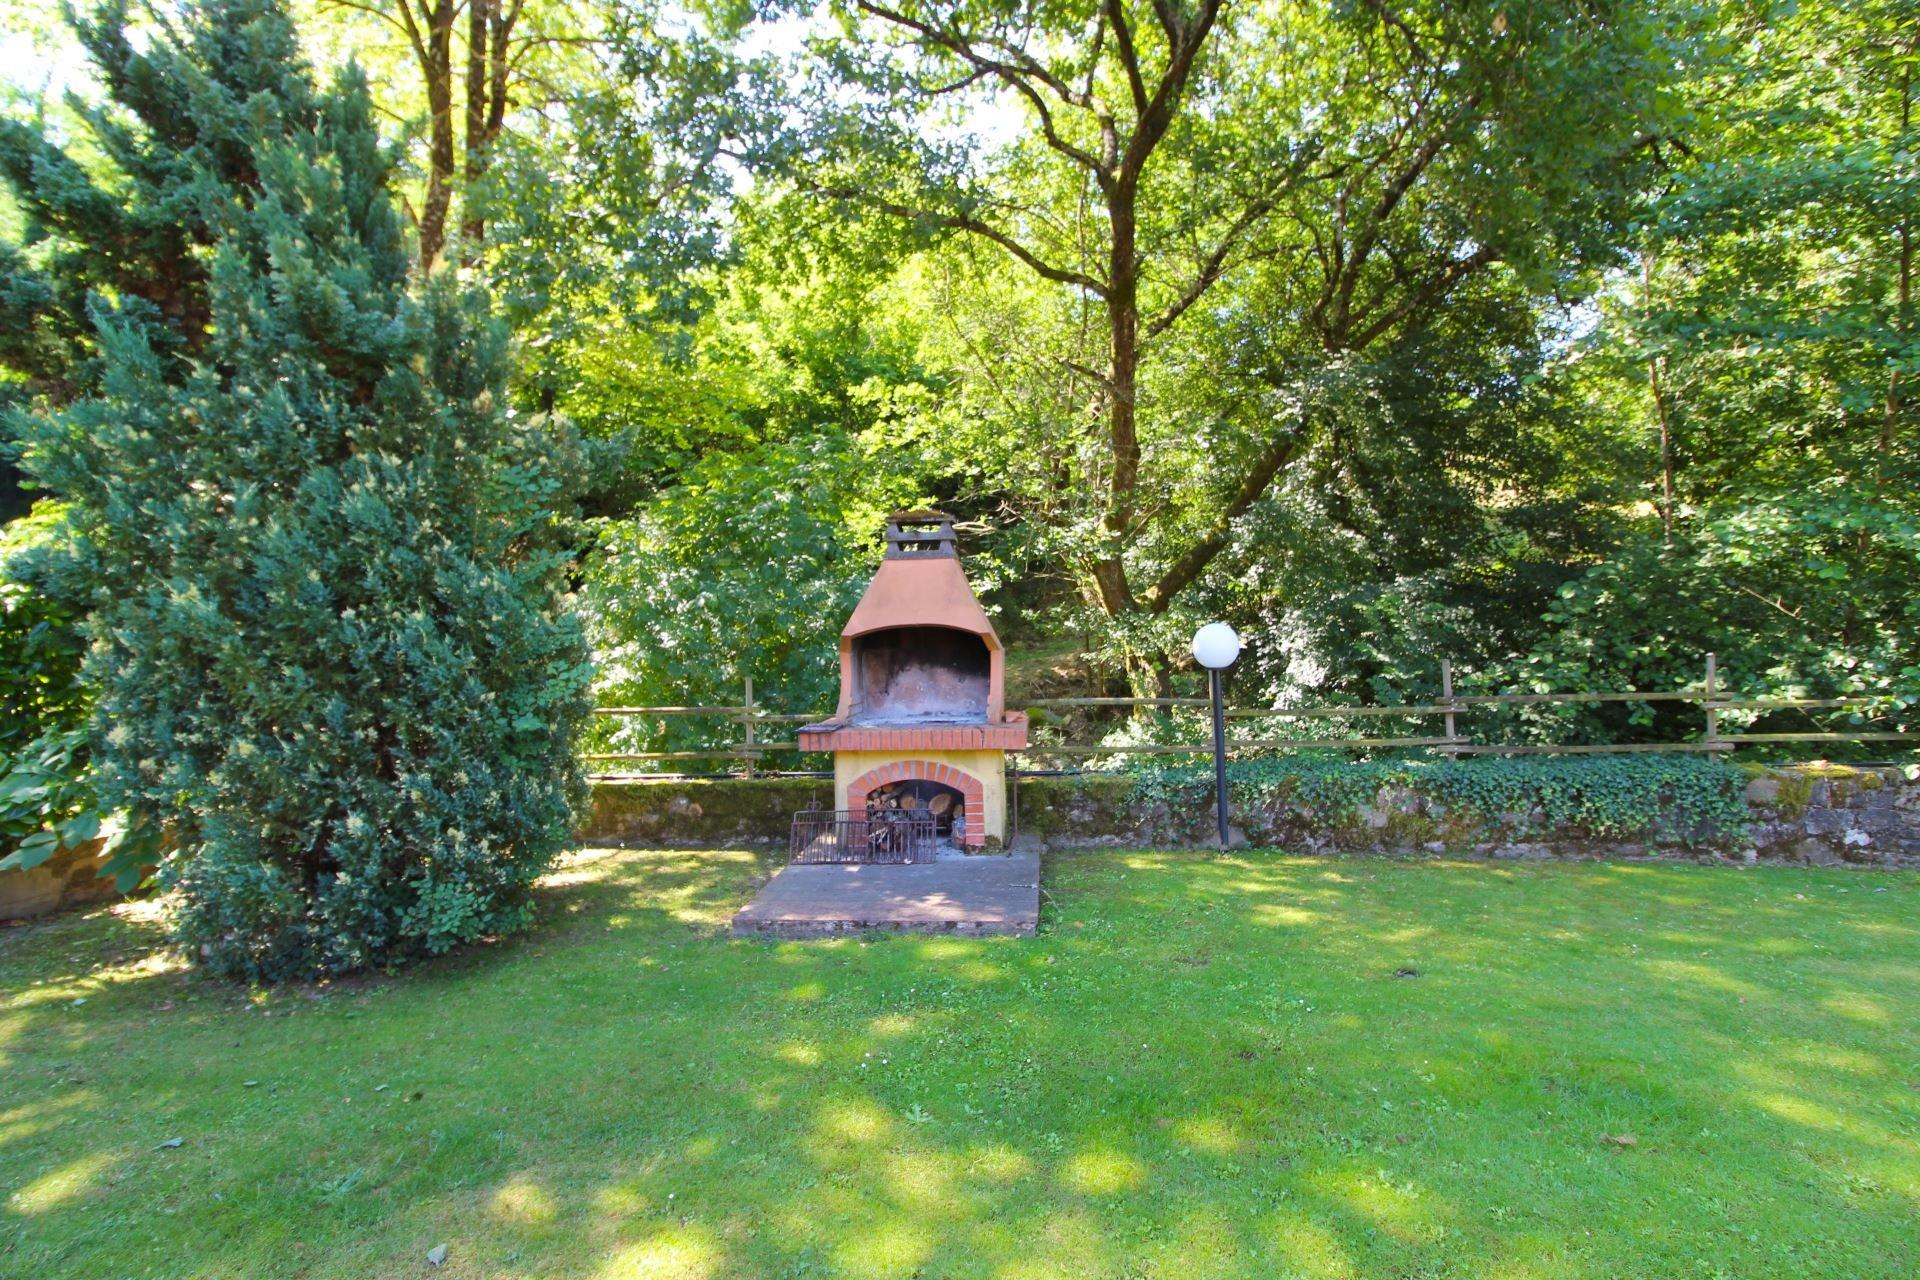 Le-Balze-tuin-pizza-oven.jpg